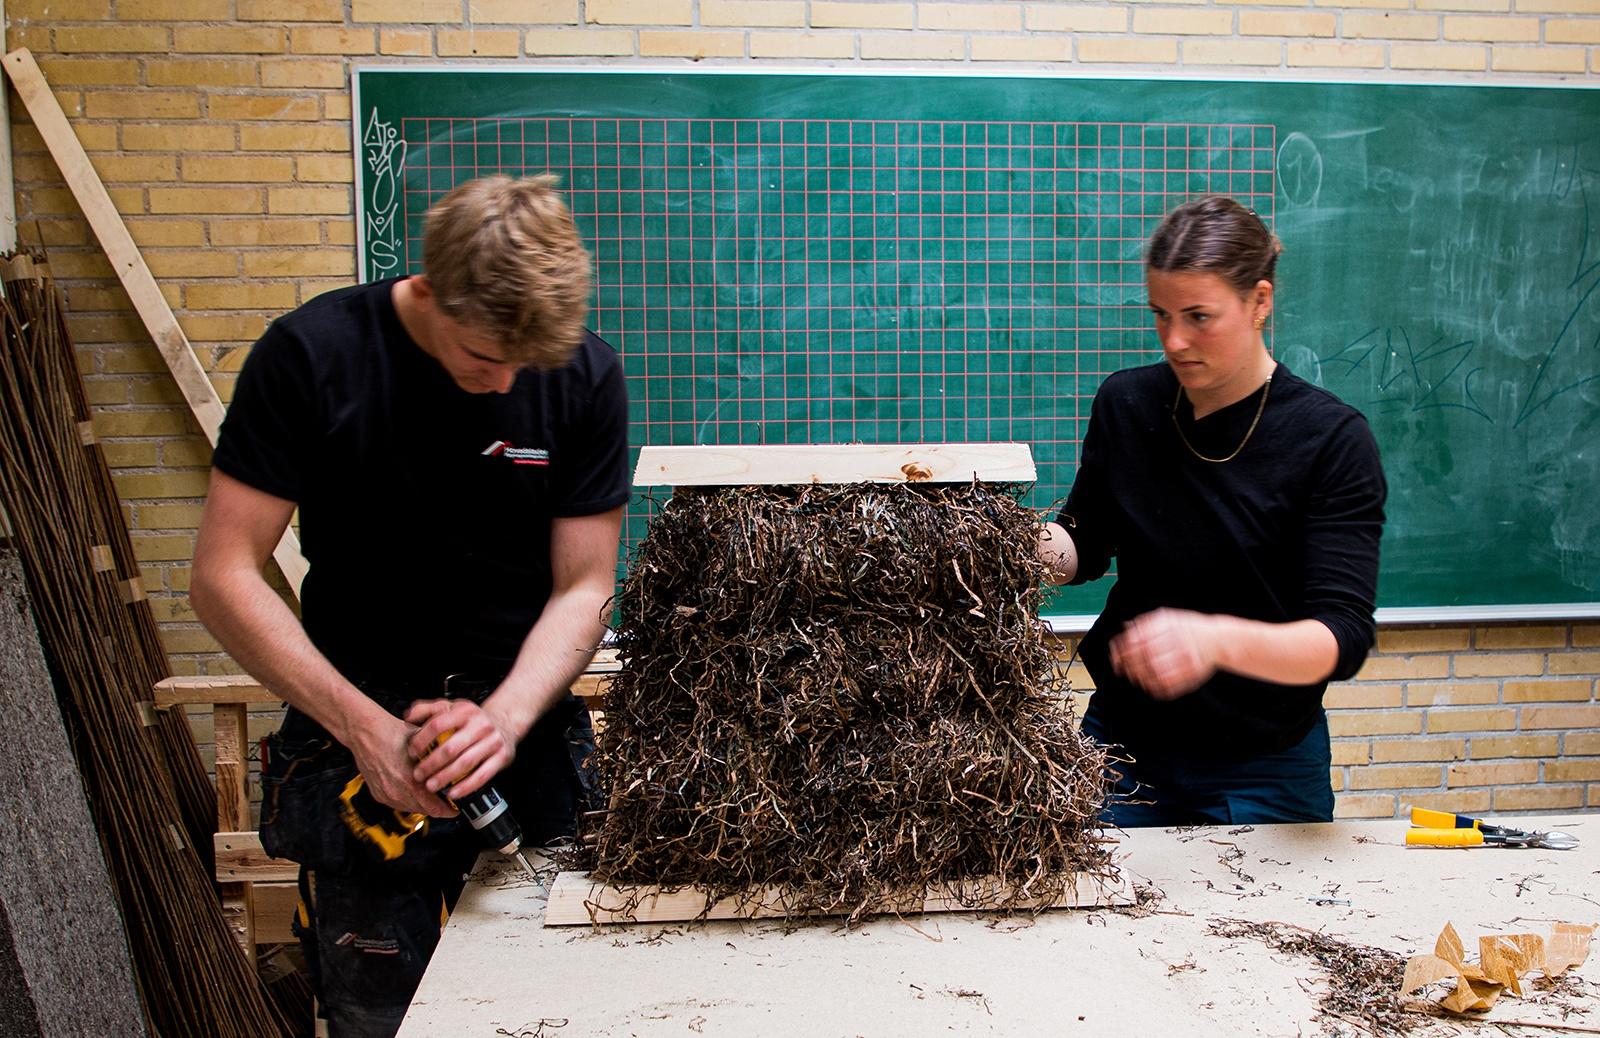 Tømrerelev og arkitektstuderende arbejder sammen om ålegræsløsning som tag_Videnscenter_Håndværk-3651